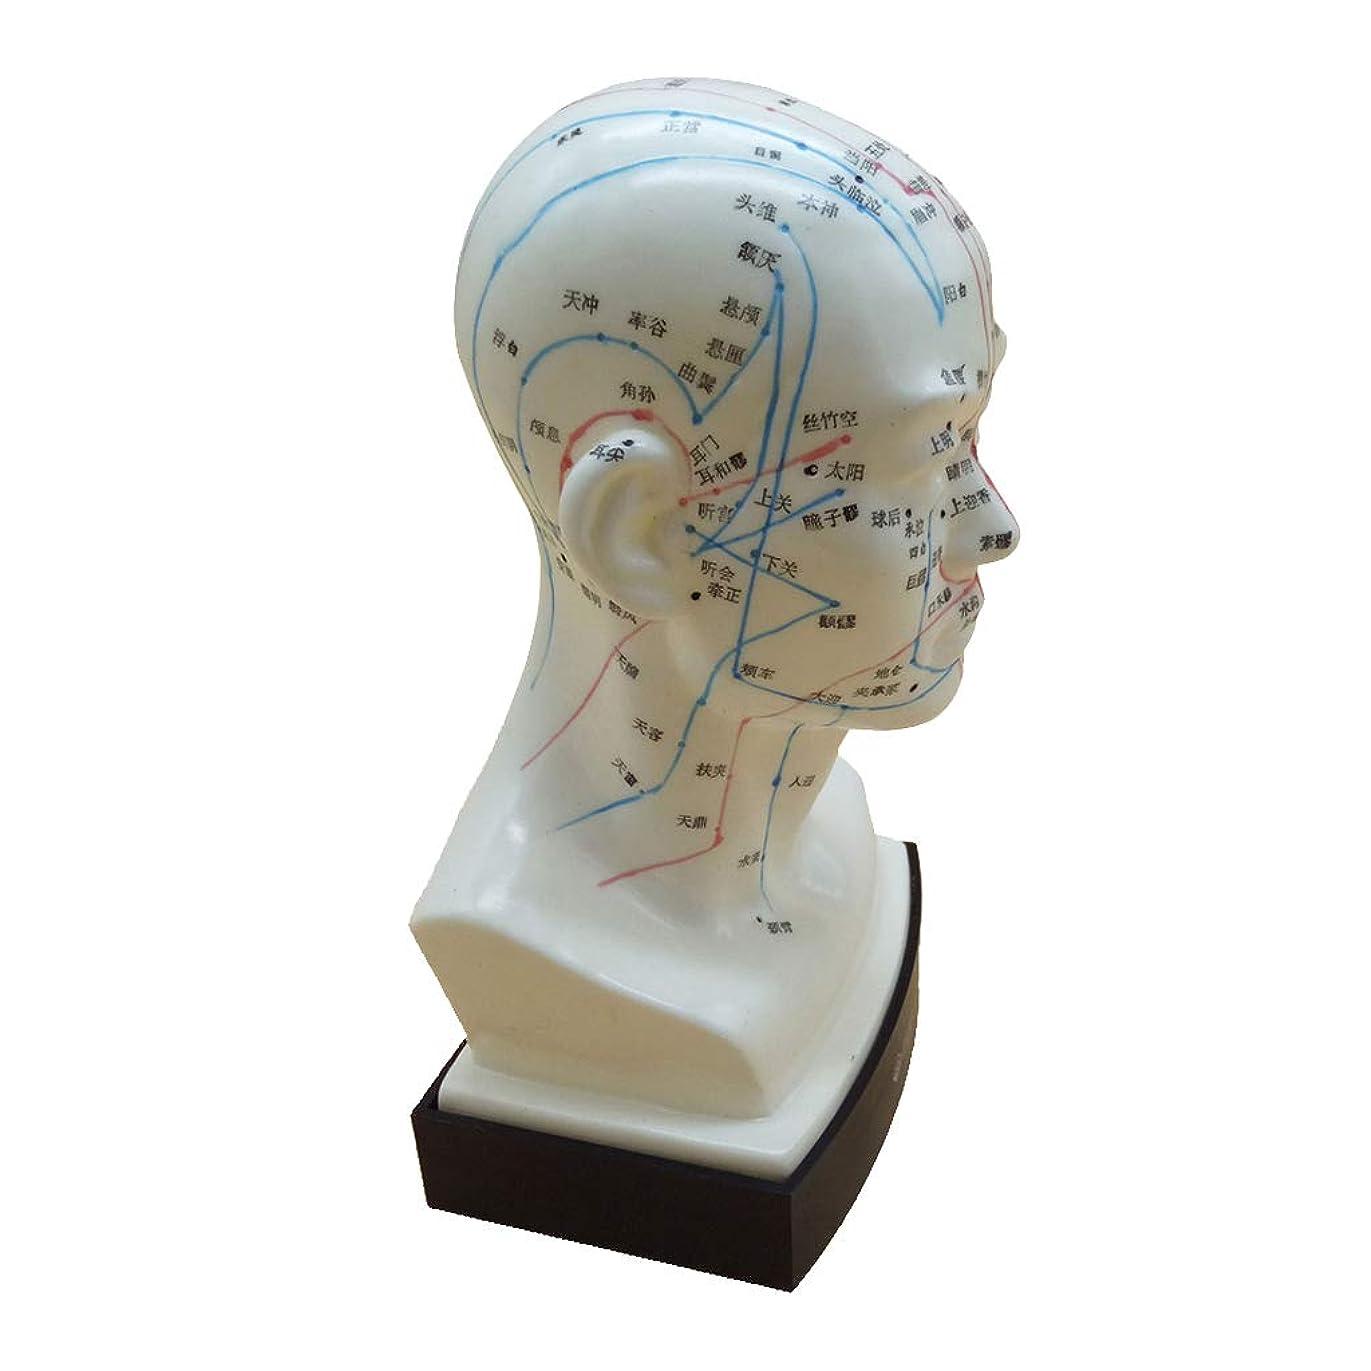 着替えるマイル橋脚KESOTO マッサージ モデル 中国語 指圧ポイント 人間の頭 経絡モデル